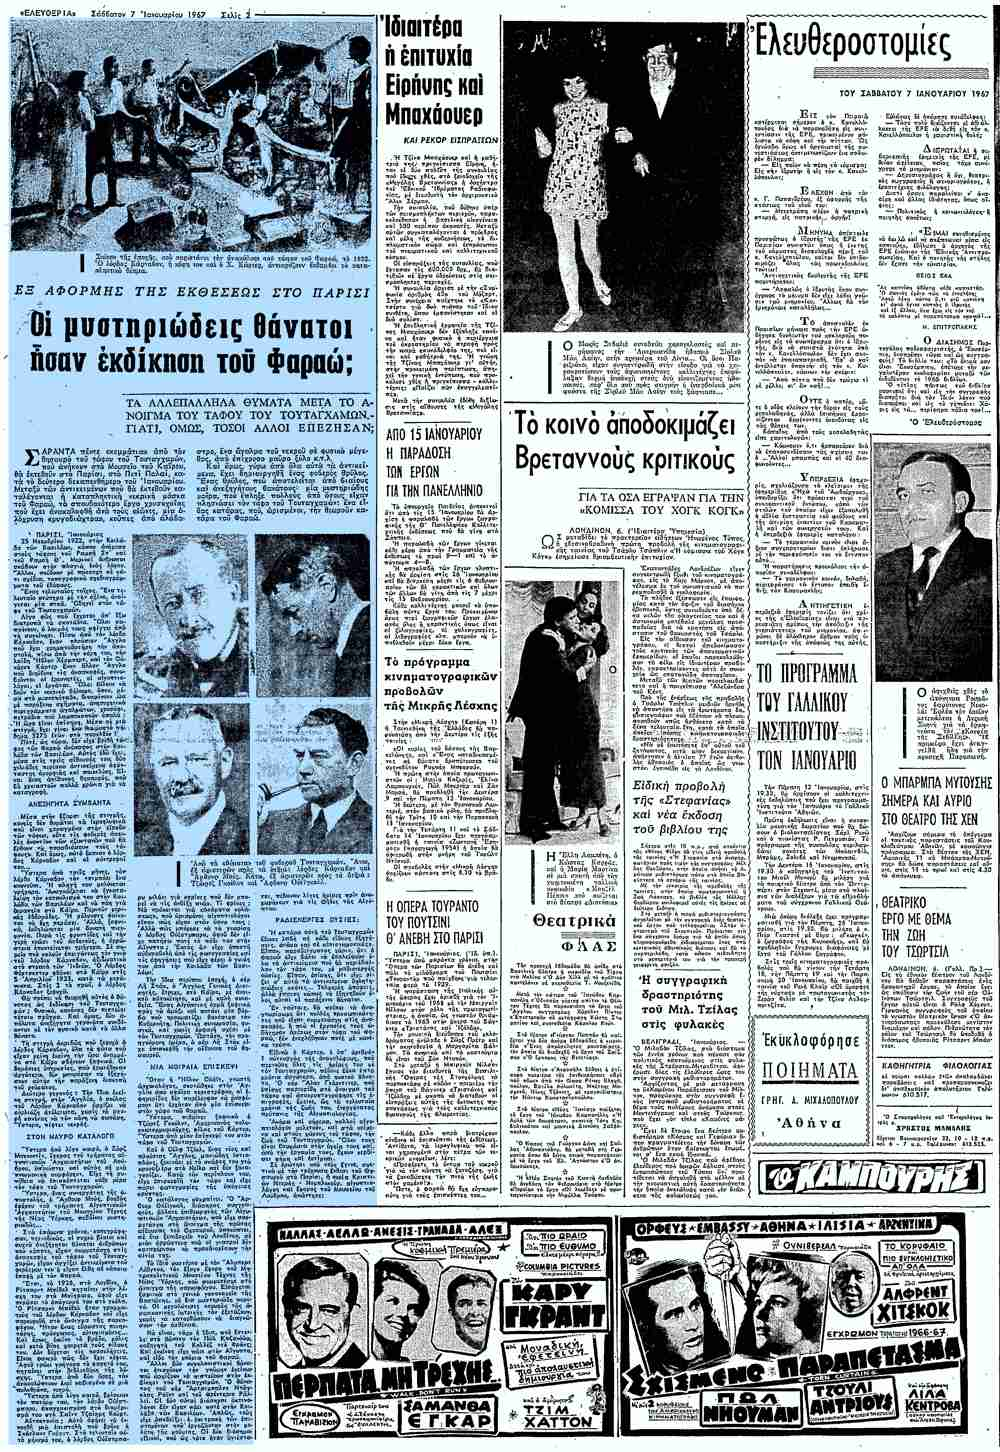 """Το άρθρο, όπως δημοσιεύθηκε στην εφημερίδα """"ΕΛΕΥΘΕΡΙΑ"""", στις 07/01/1967"""